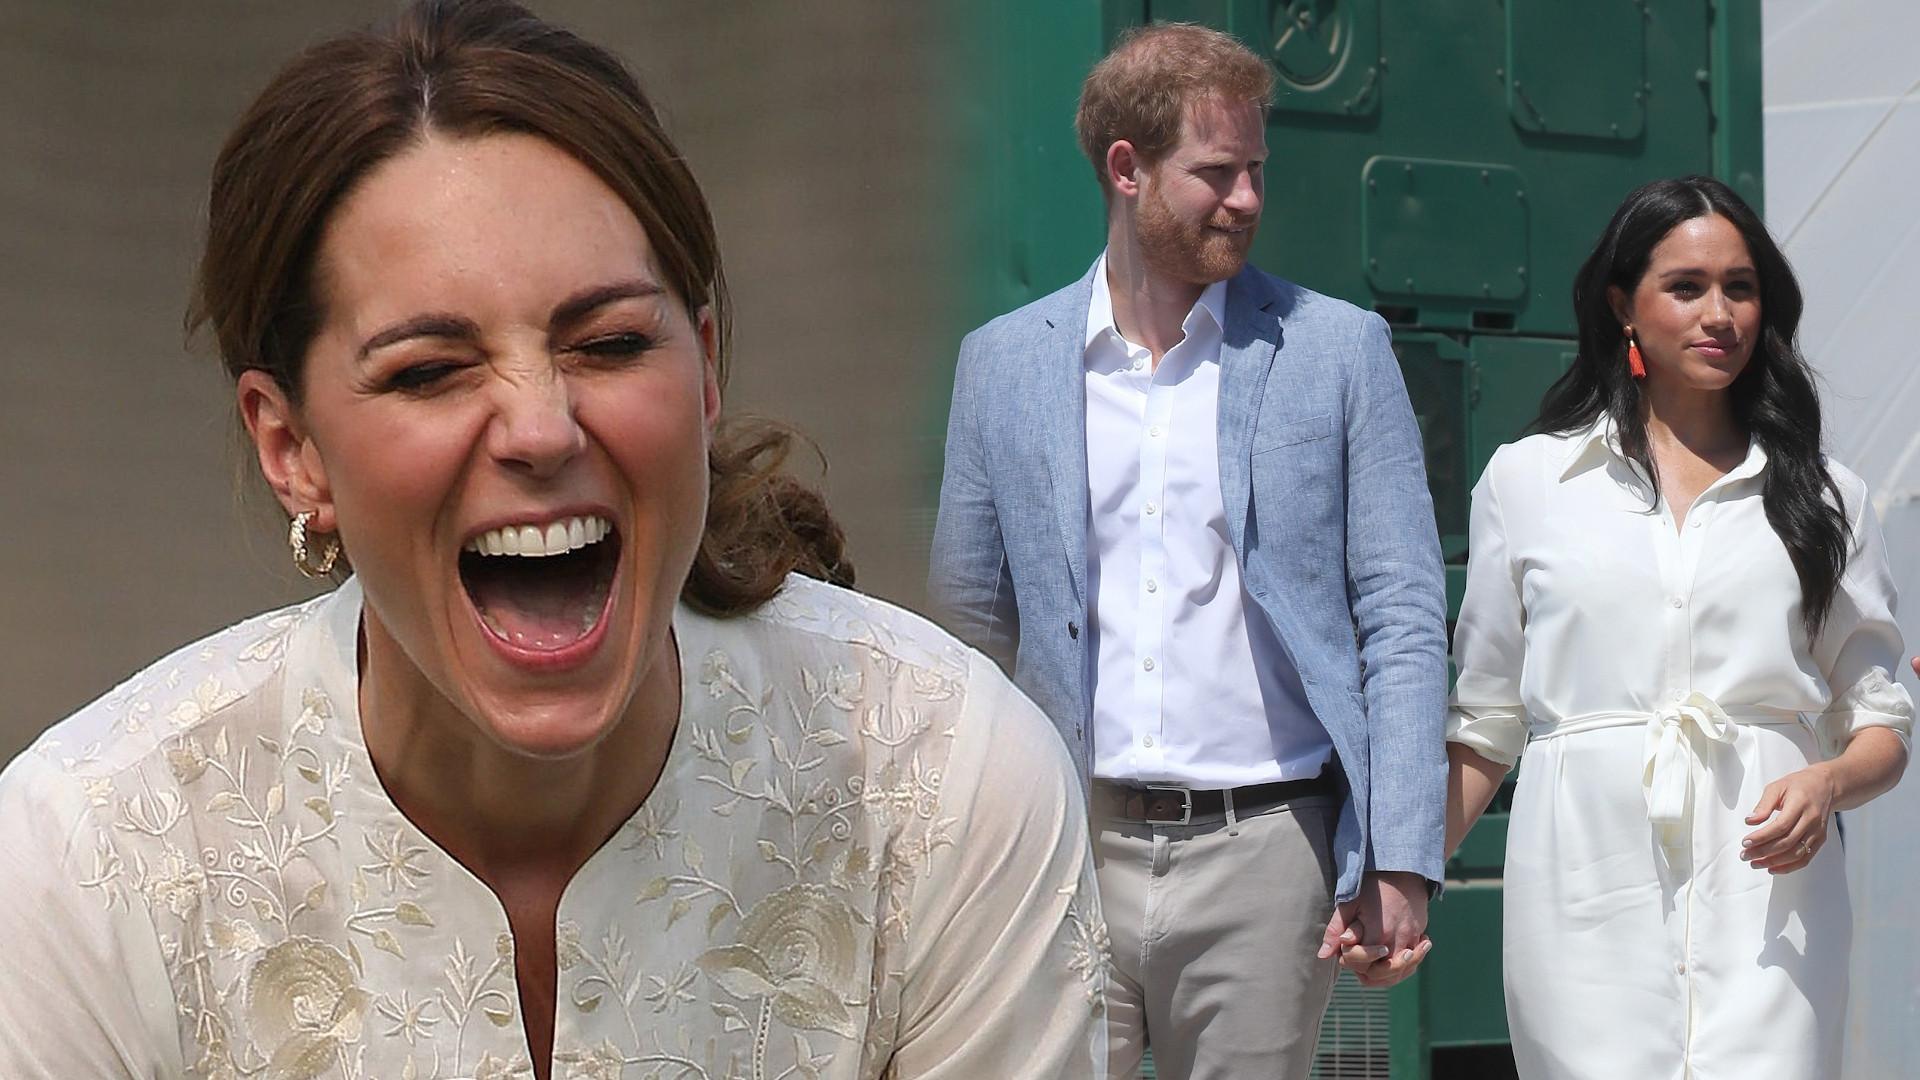 Księżna Kate znów udowodniła, że jej relacje z Meghan i Harrym są ZŁE